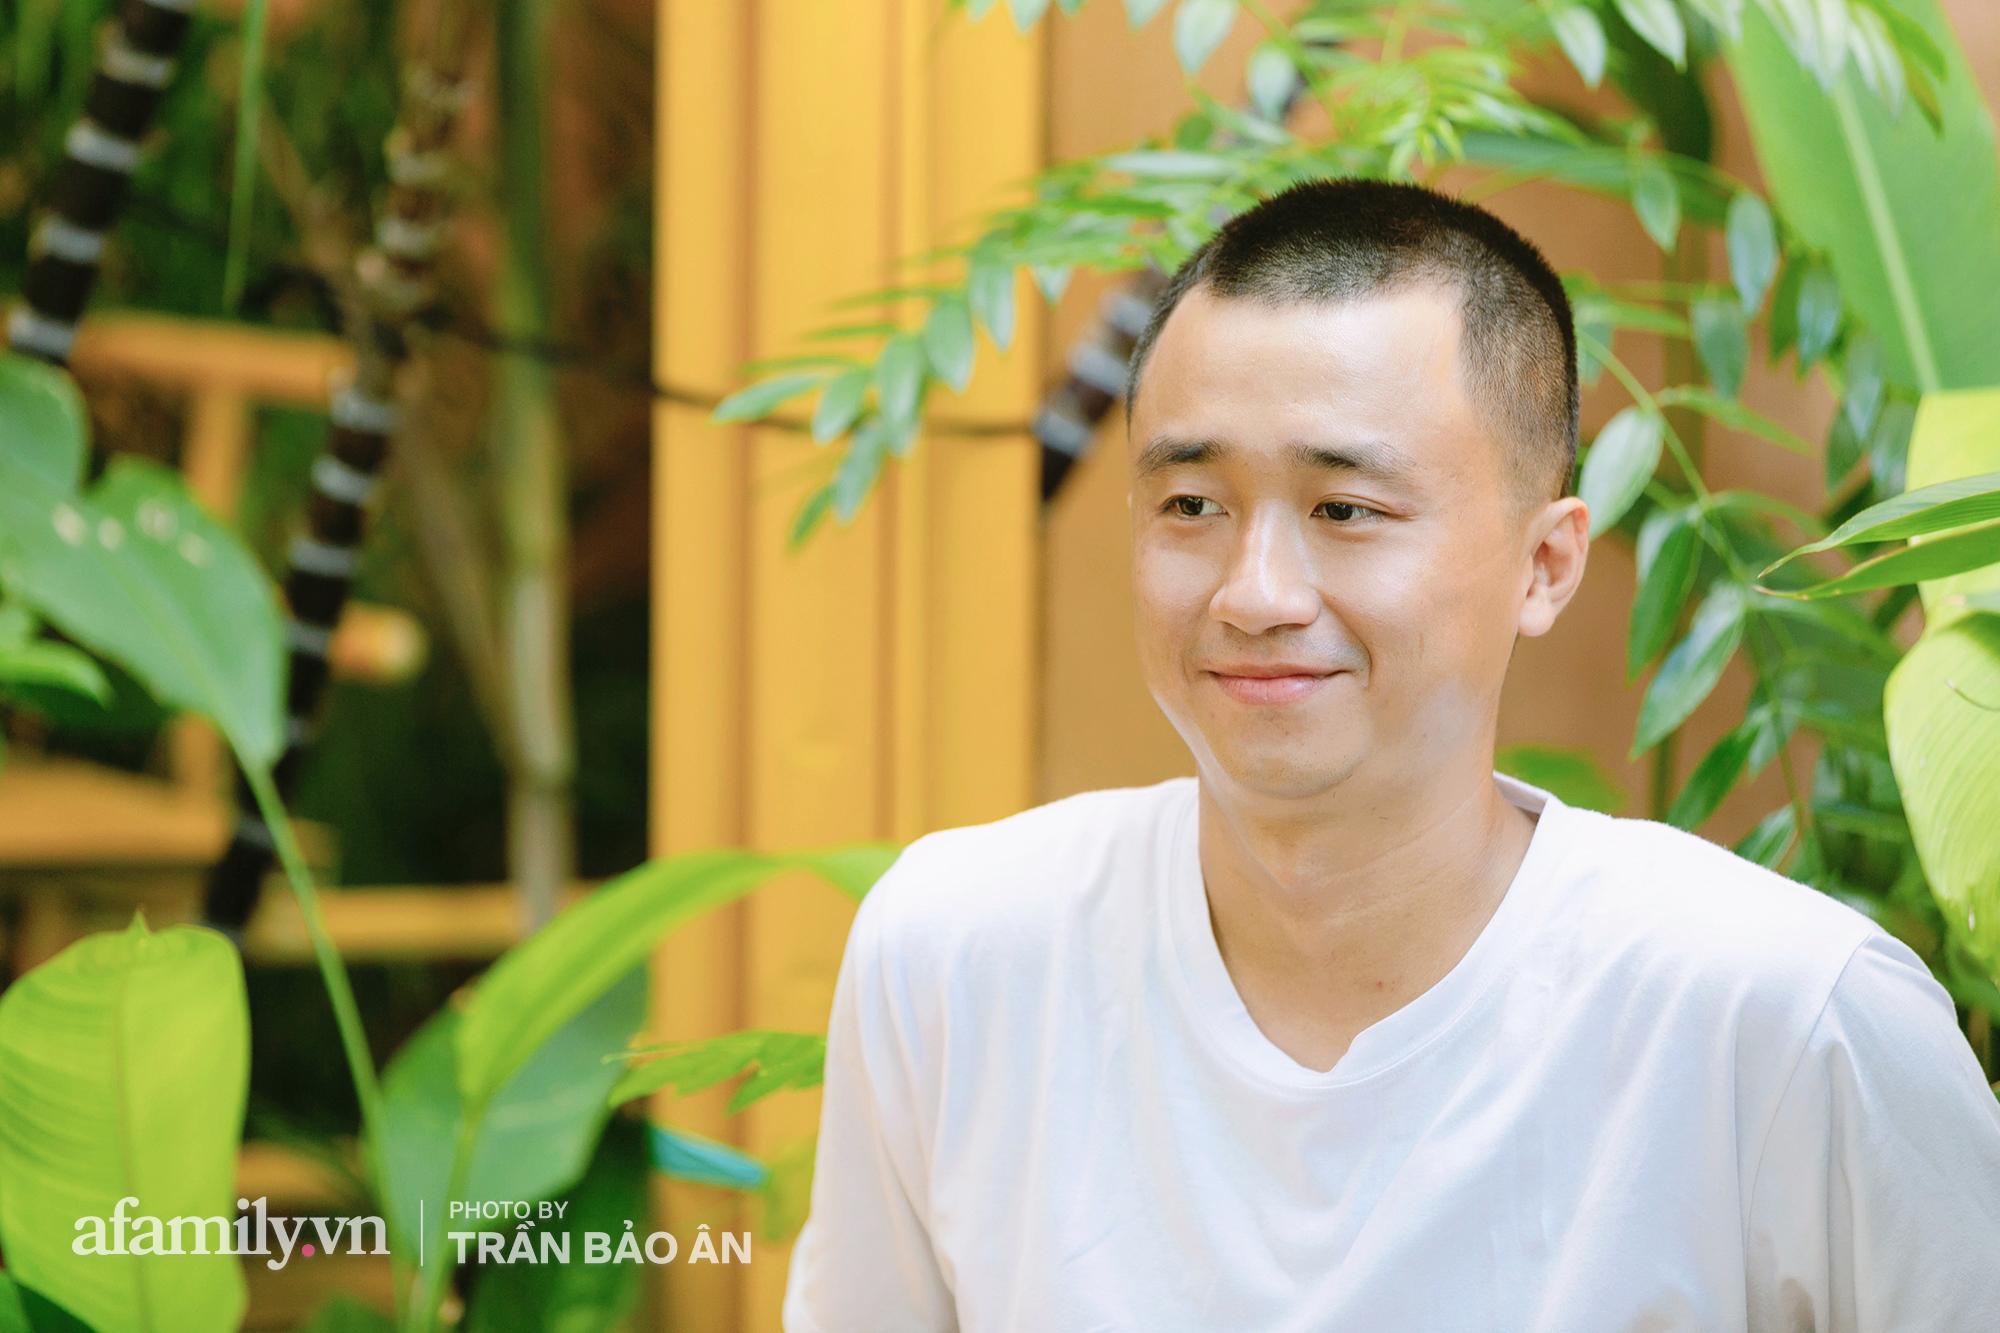 """""""Tuyên chiến Covid"""" 3 chàng trai mở cửa tiệm nước mía lạ nhất Sài Gòn, ai đi qua cũng trầm trồ """"đẹp như khu vui chơi""""! - Ảnh 4."""